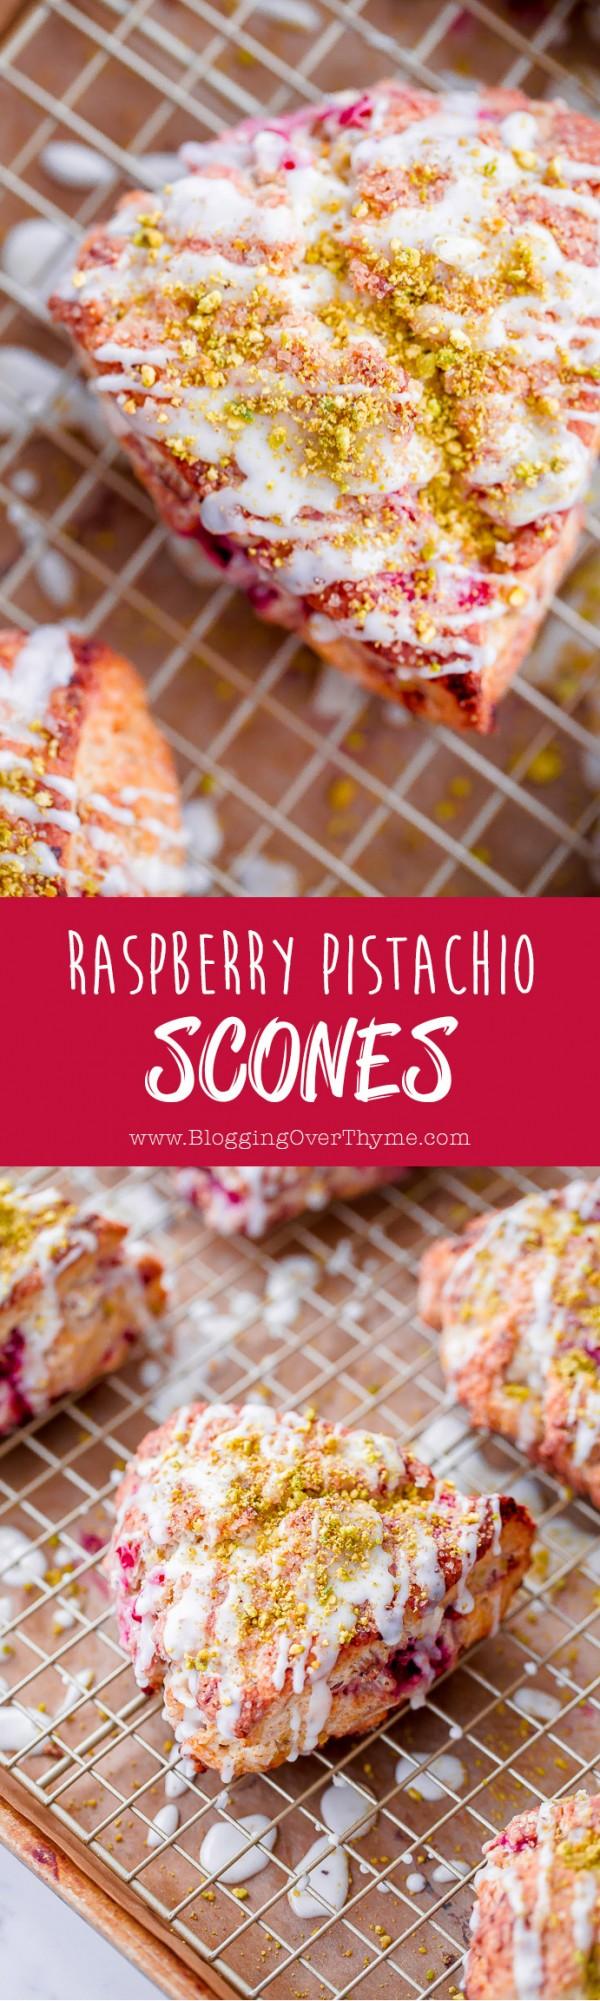 Raspberry Pistachio Scones with Lemon Glaze. So delicious and flaky!